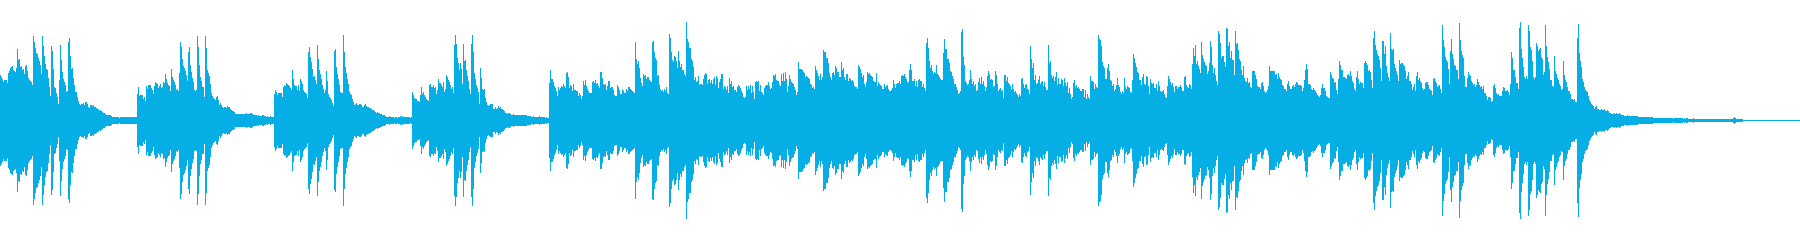 不穏な雰囲気のピアノ(暗い)の再生済みの波形